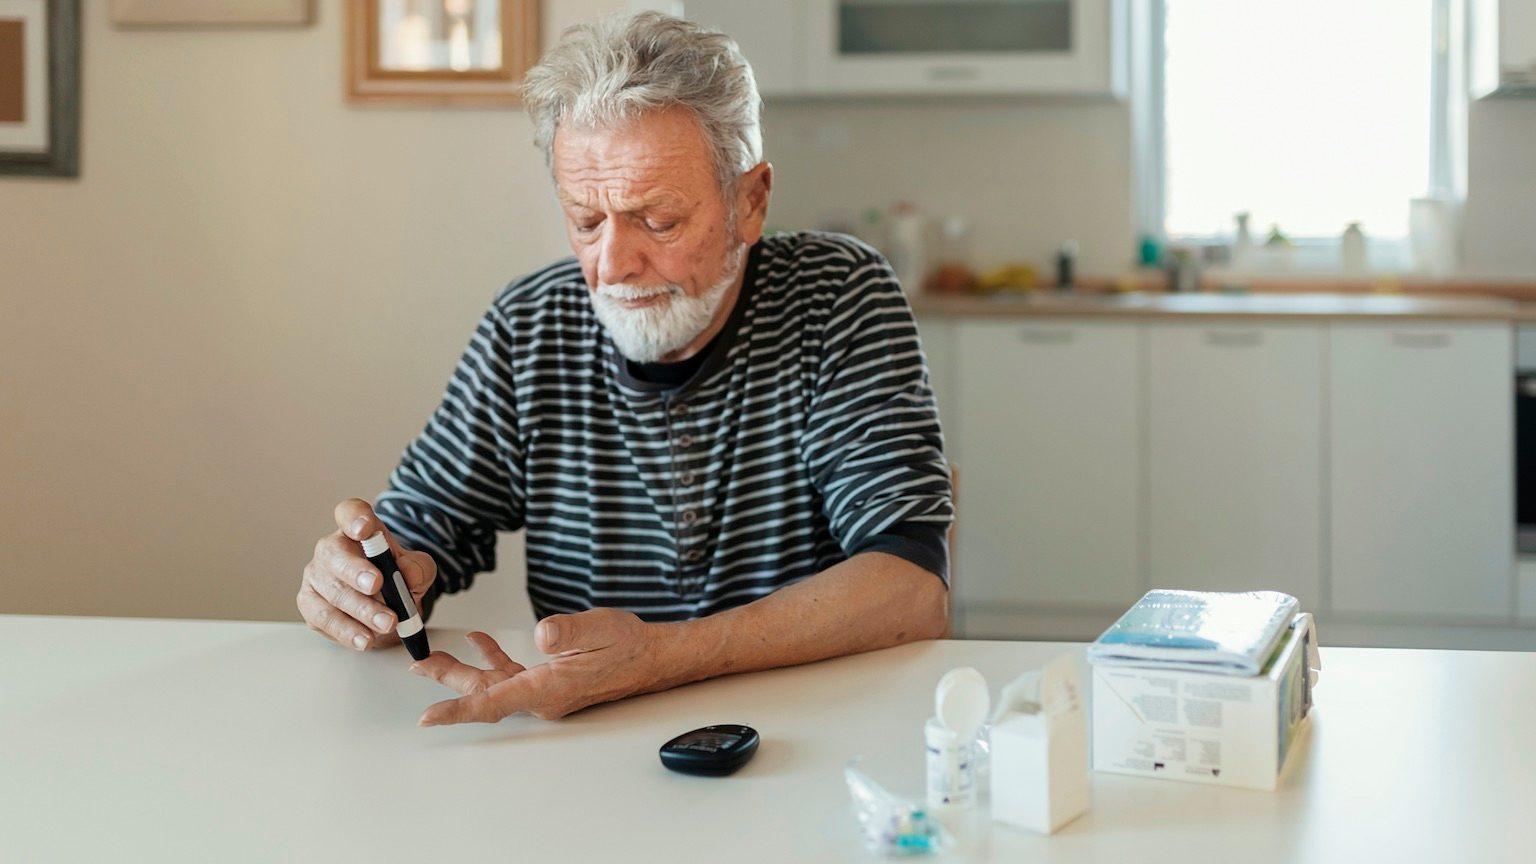 Elderly man testing for high blood sugar.